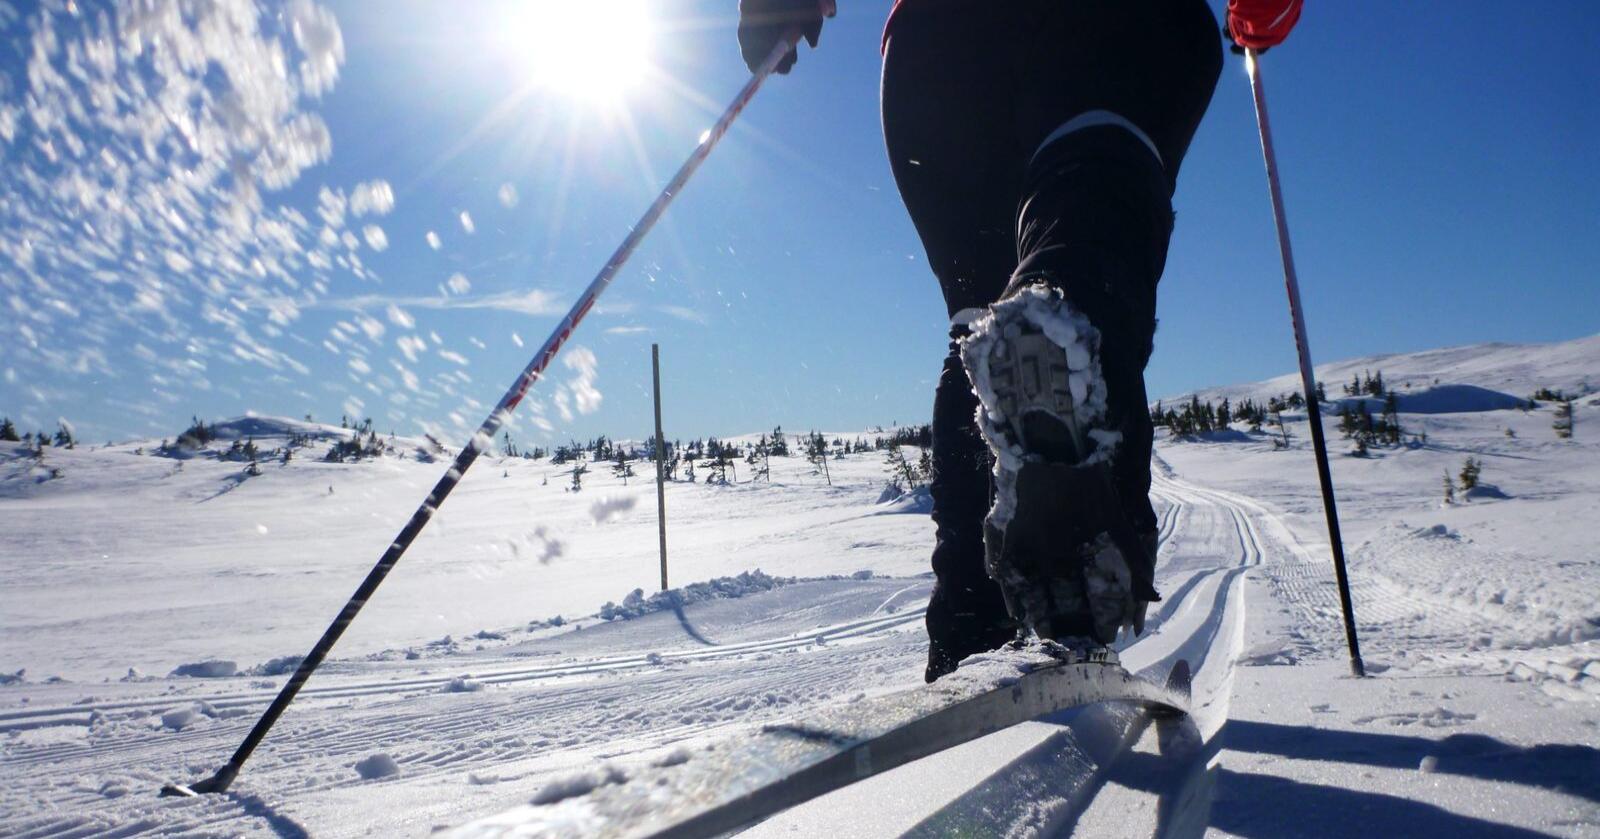 Det er godt kjent at skismørjing inneheld fluorstoff. Foto: Erik Johansen / NTB scanpix / NPK